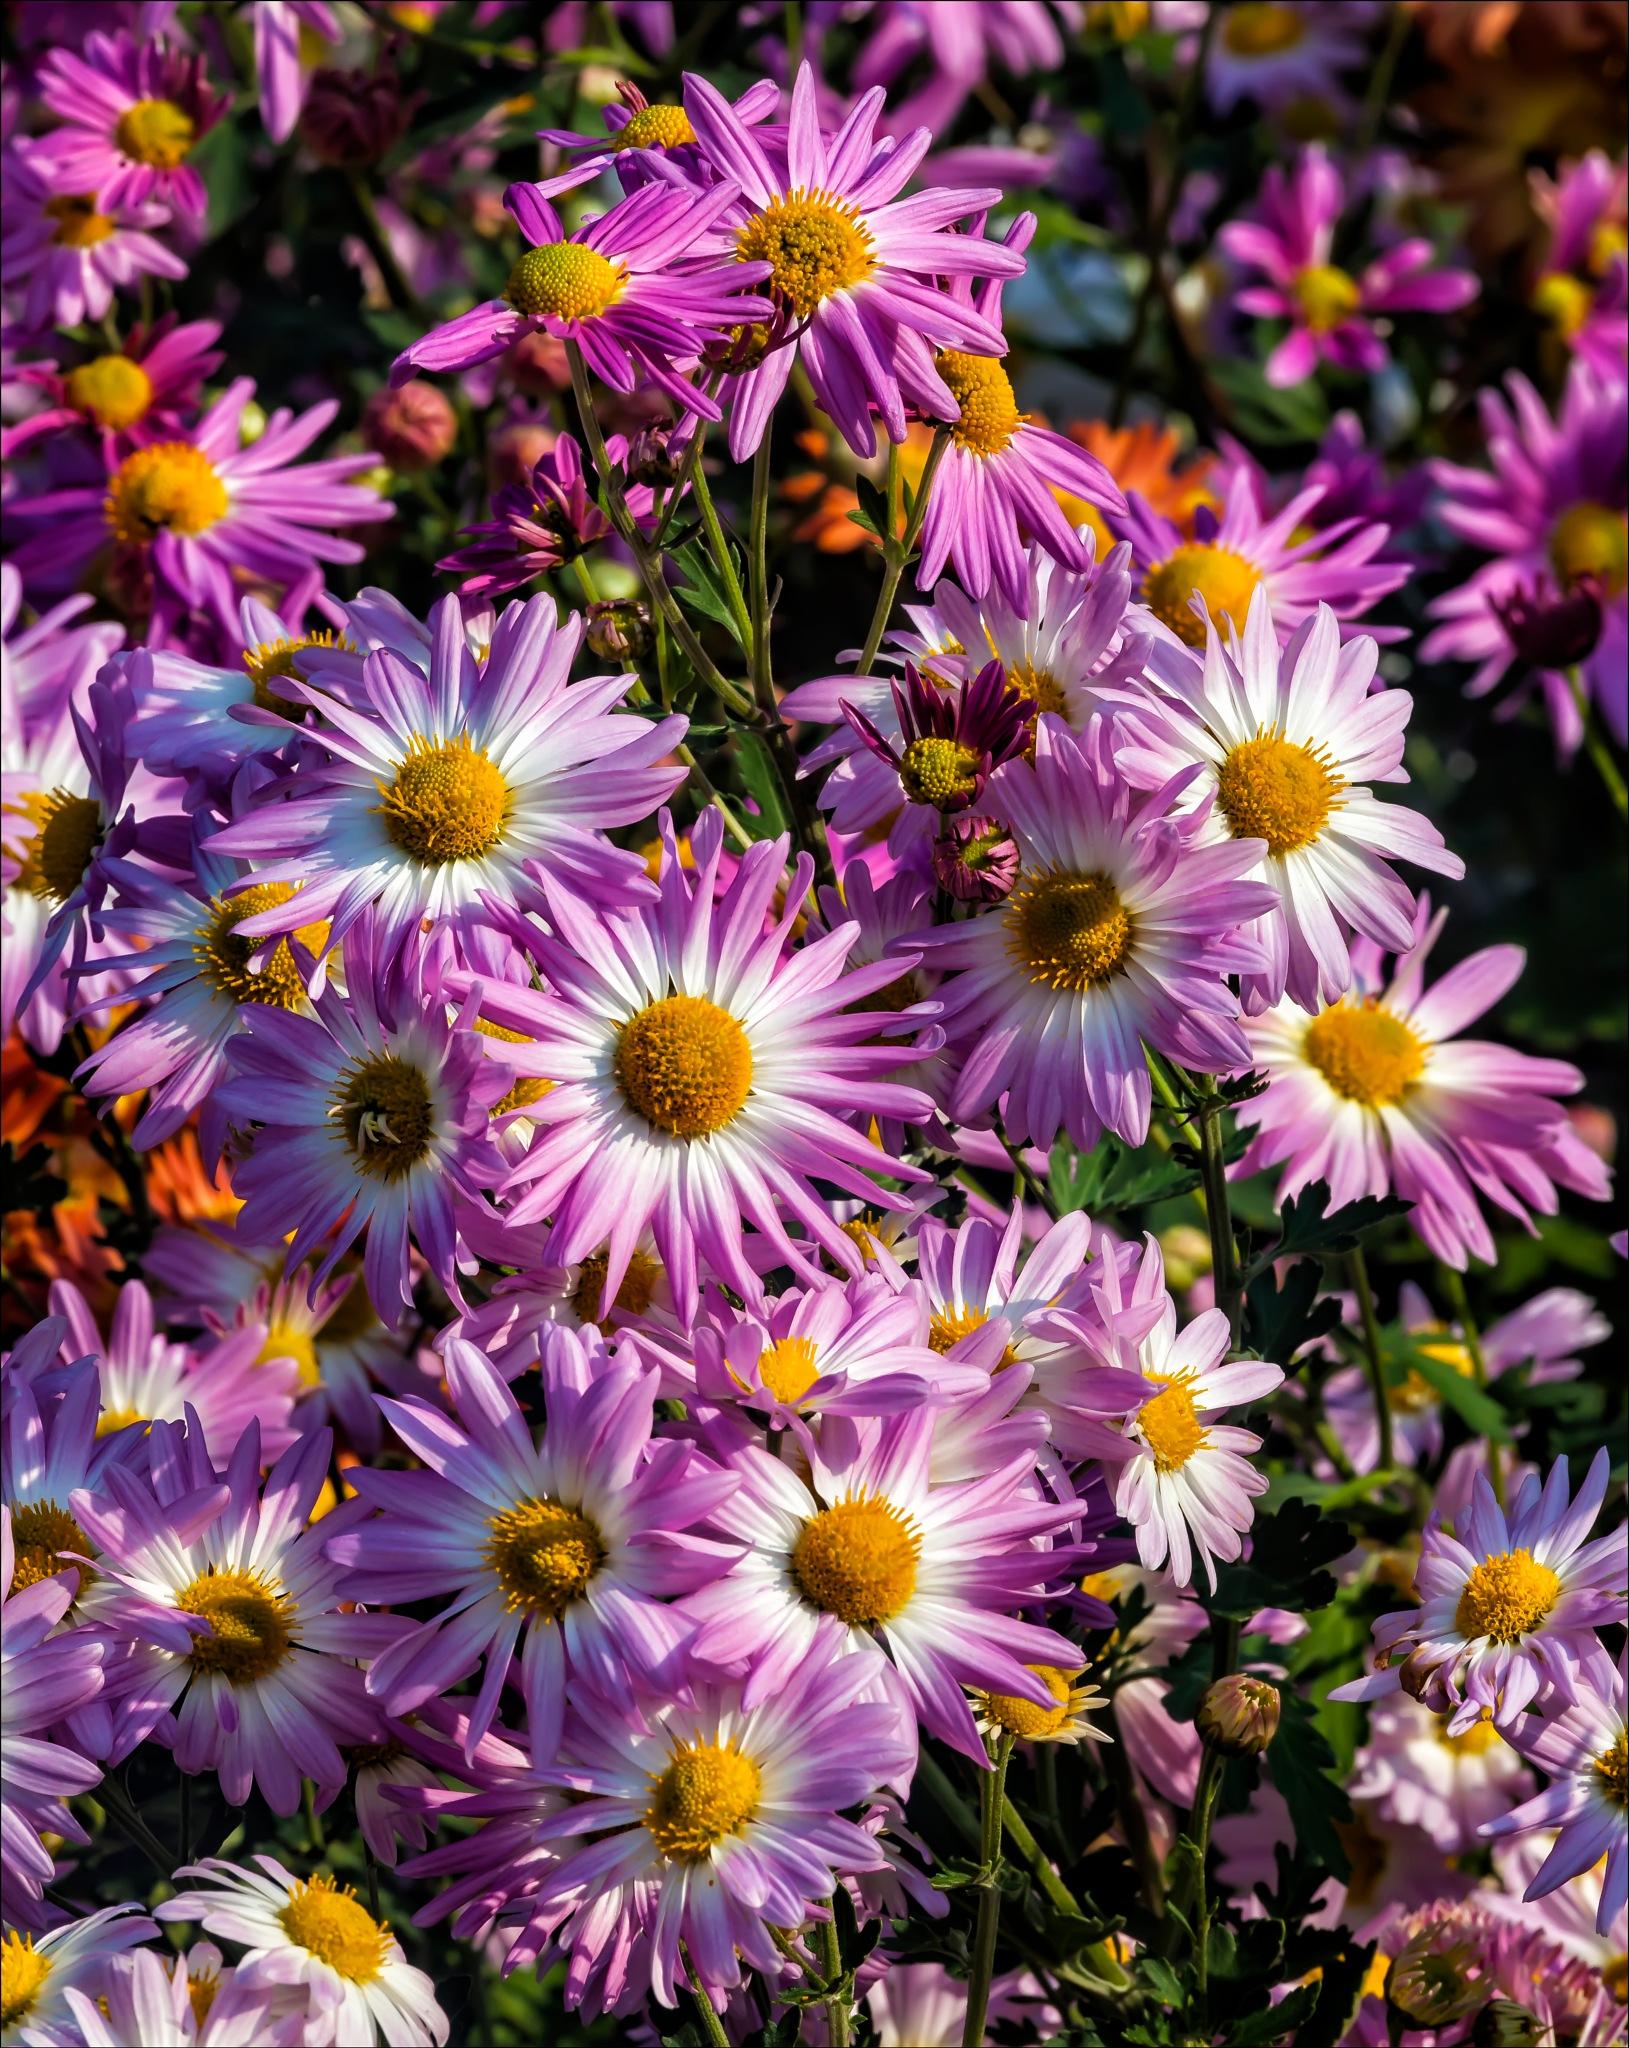 Fall Flowers by robertullmann